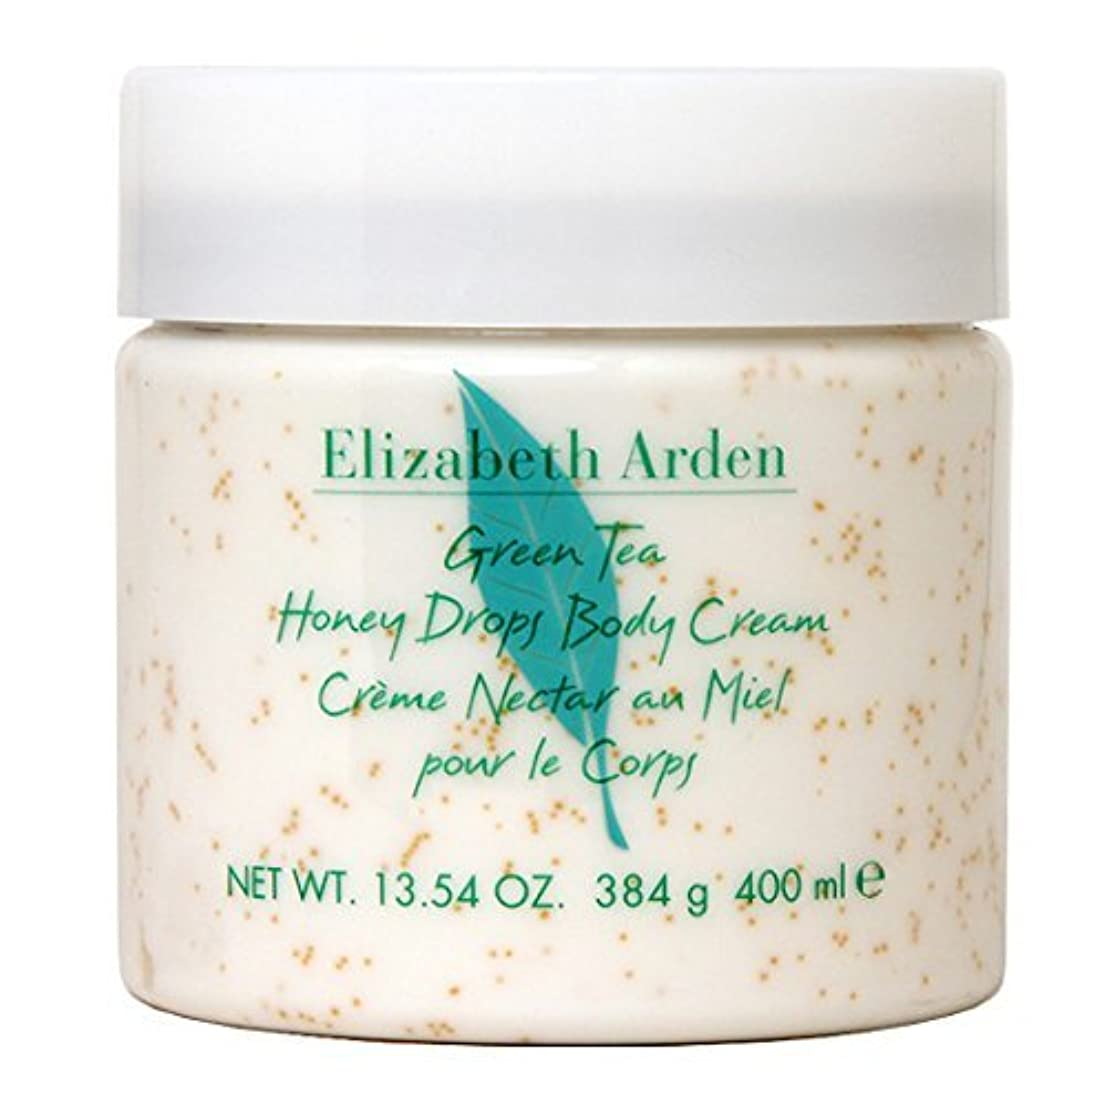 質素な結び目相互エリザベスアーデン ELIZABETH ARDEN グリーンティー ハニードロップクリーム500ml